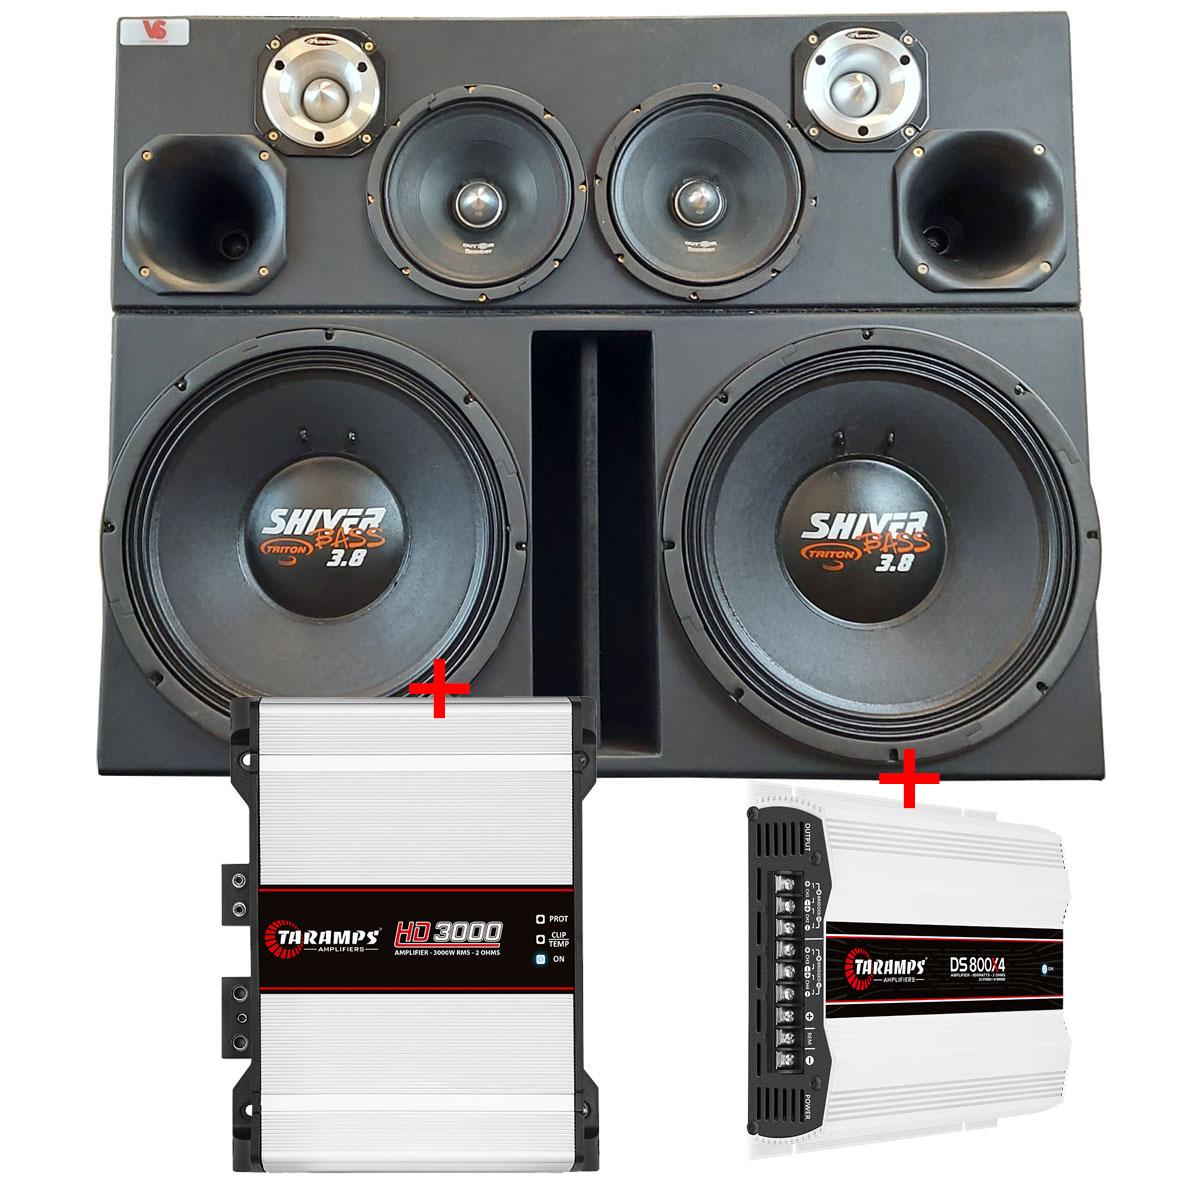 Caixa 4 Vias c/ Shiver Bass 3.8 +Dr +Tw +Médio + Módulos